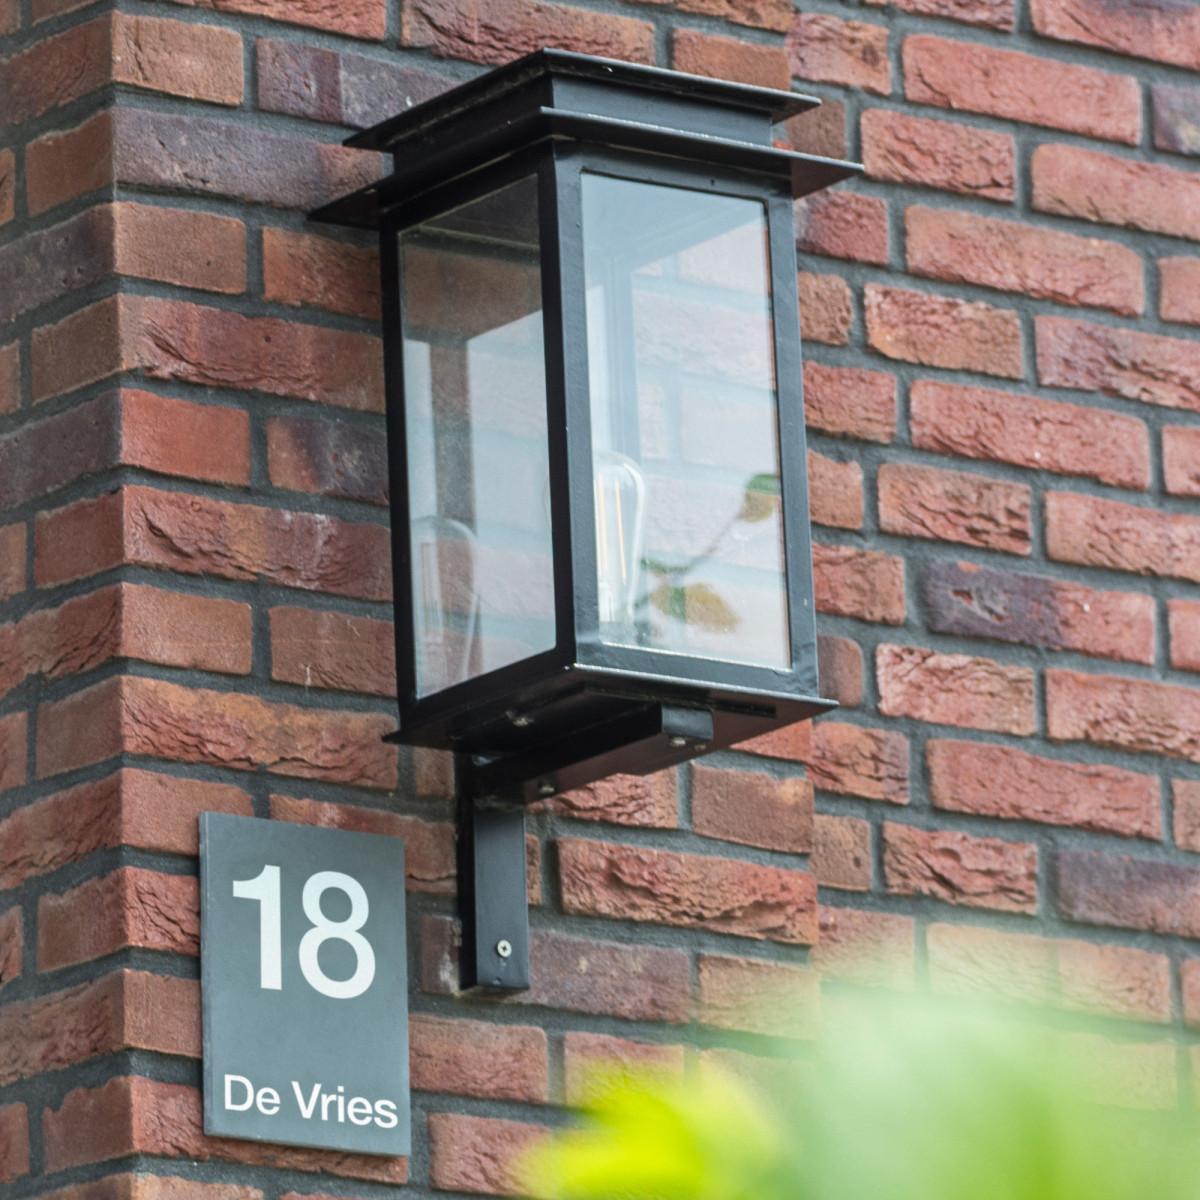 strak klassieke buitenverlichting buitenlamp Praag L II muurlamp, wandverlichting klassiek vierkant met een tijdloos exclusief uniek design, stijlvolle exclusieve gevellantaarn van KS Verlichting